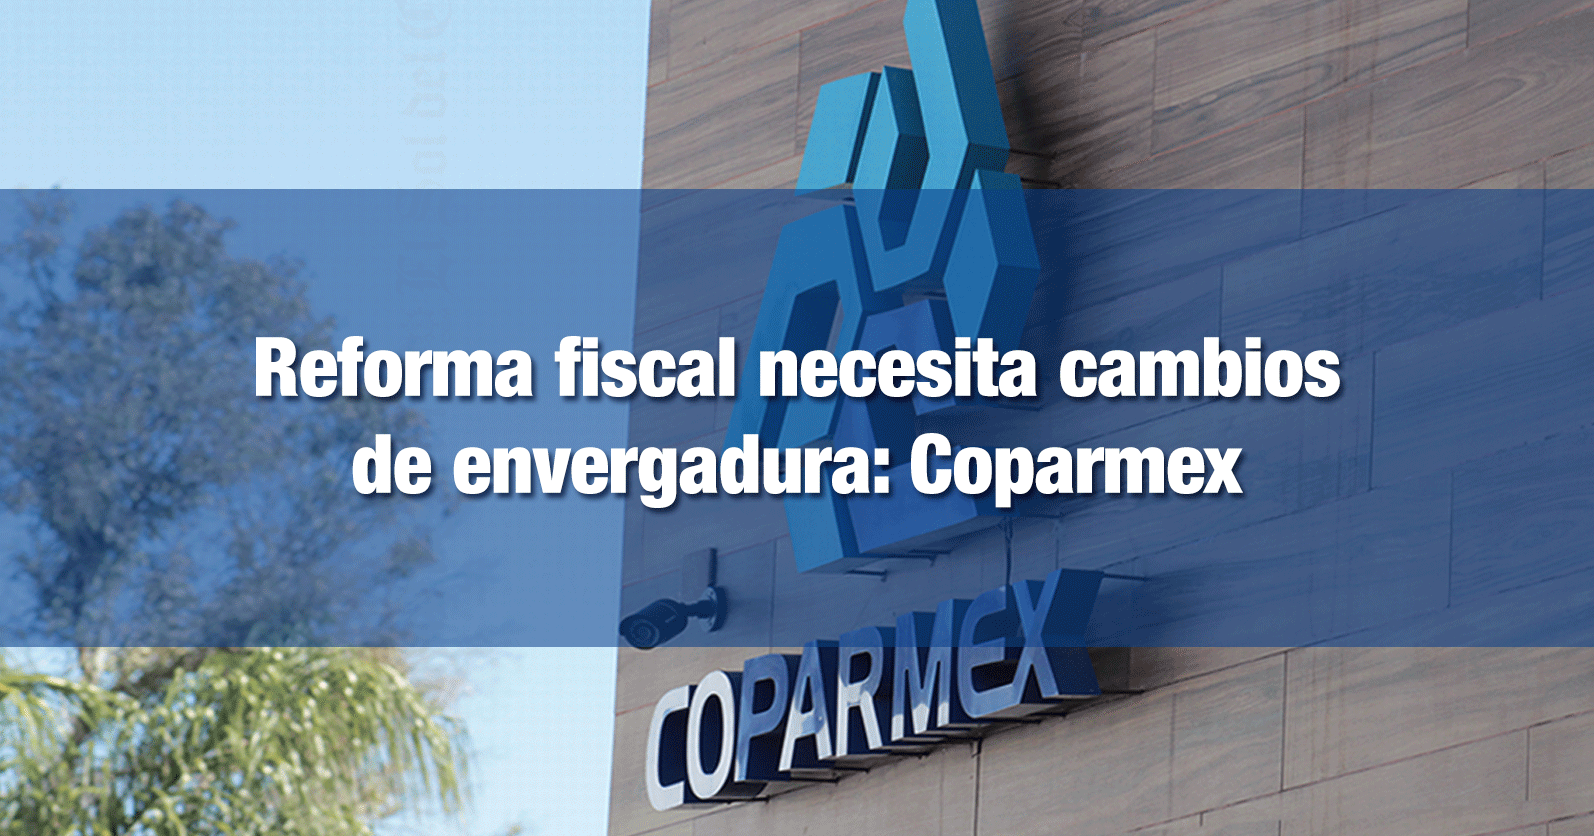 Reforma fiscal necesita cambios de envergadura: Coparmex